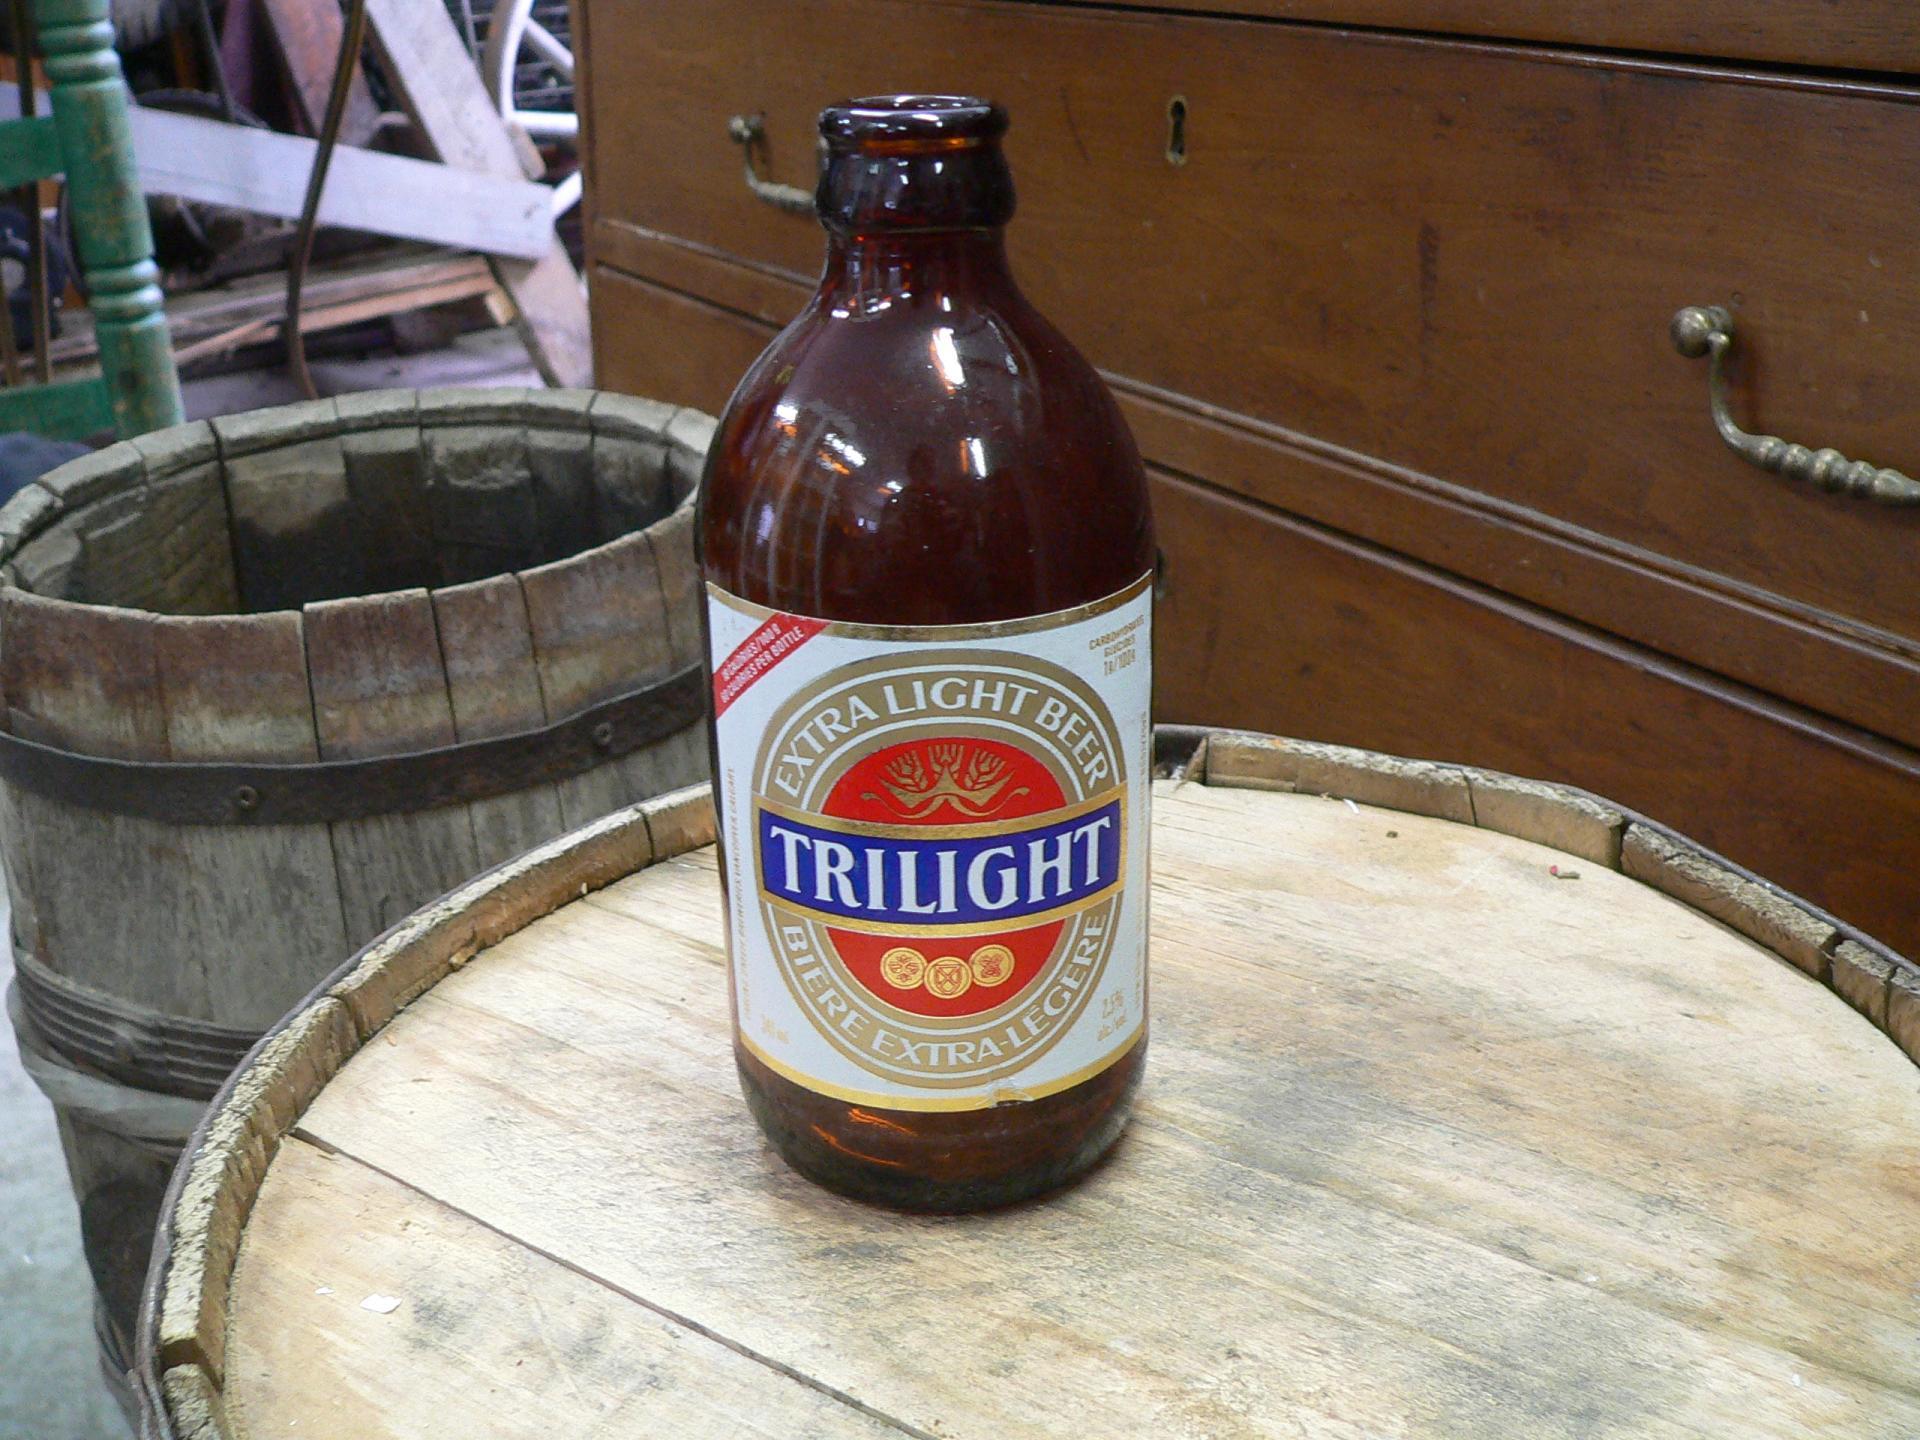 Bouteille biere trilight # 4870.3